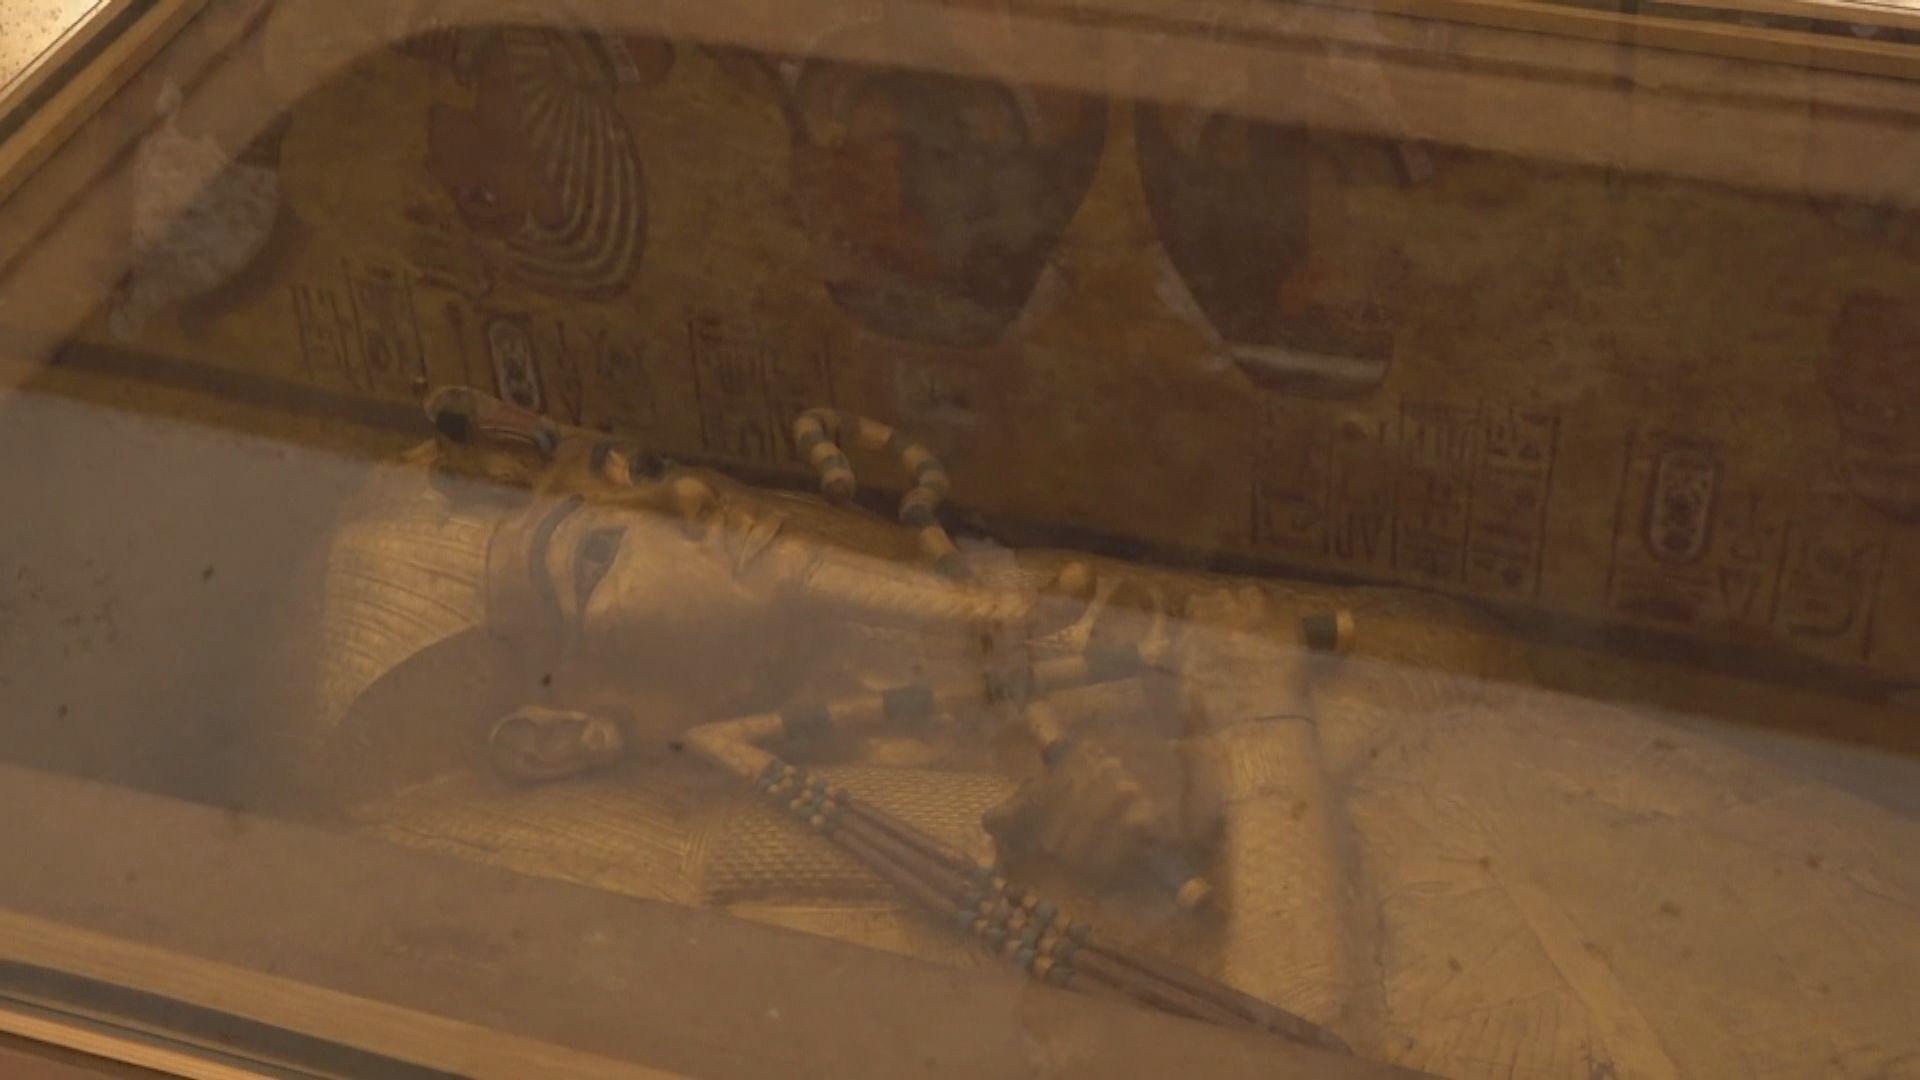 【環球薈報】埃及阻止拍賣非法盜取古物